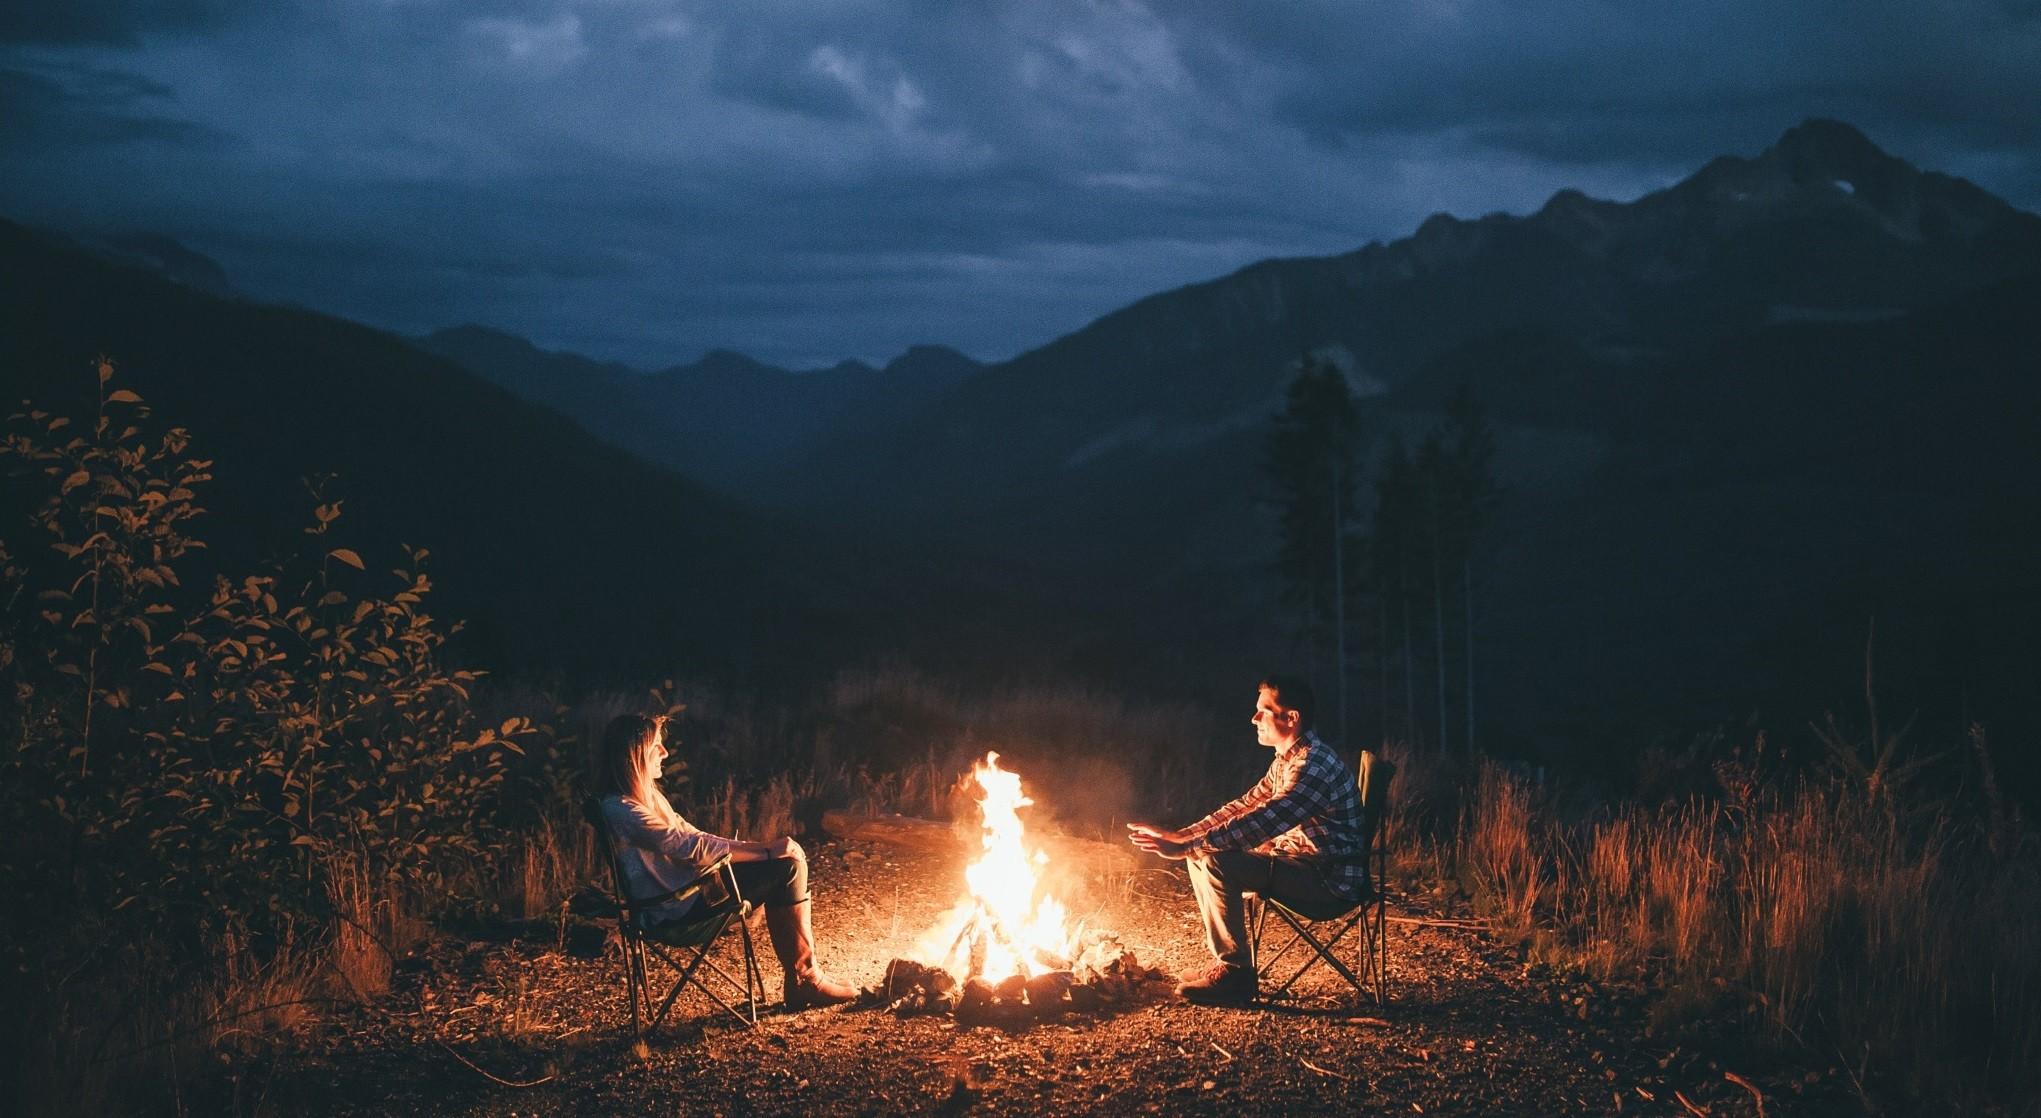 Cozy Fall Hd Wallpaper Wallpaper Landscape Evening Wilderness Campfire